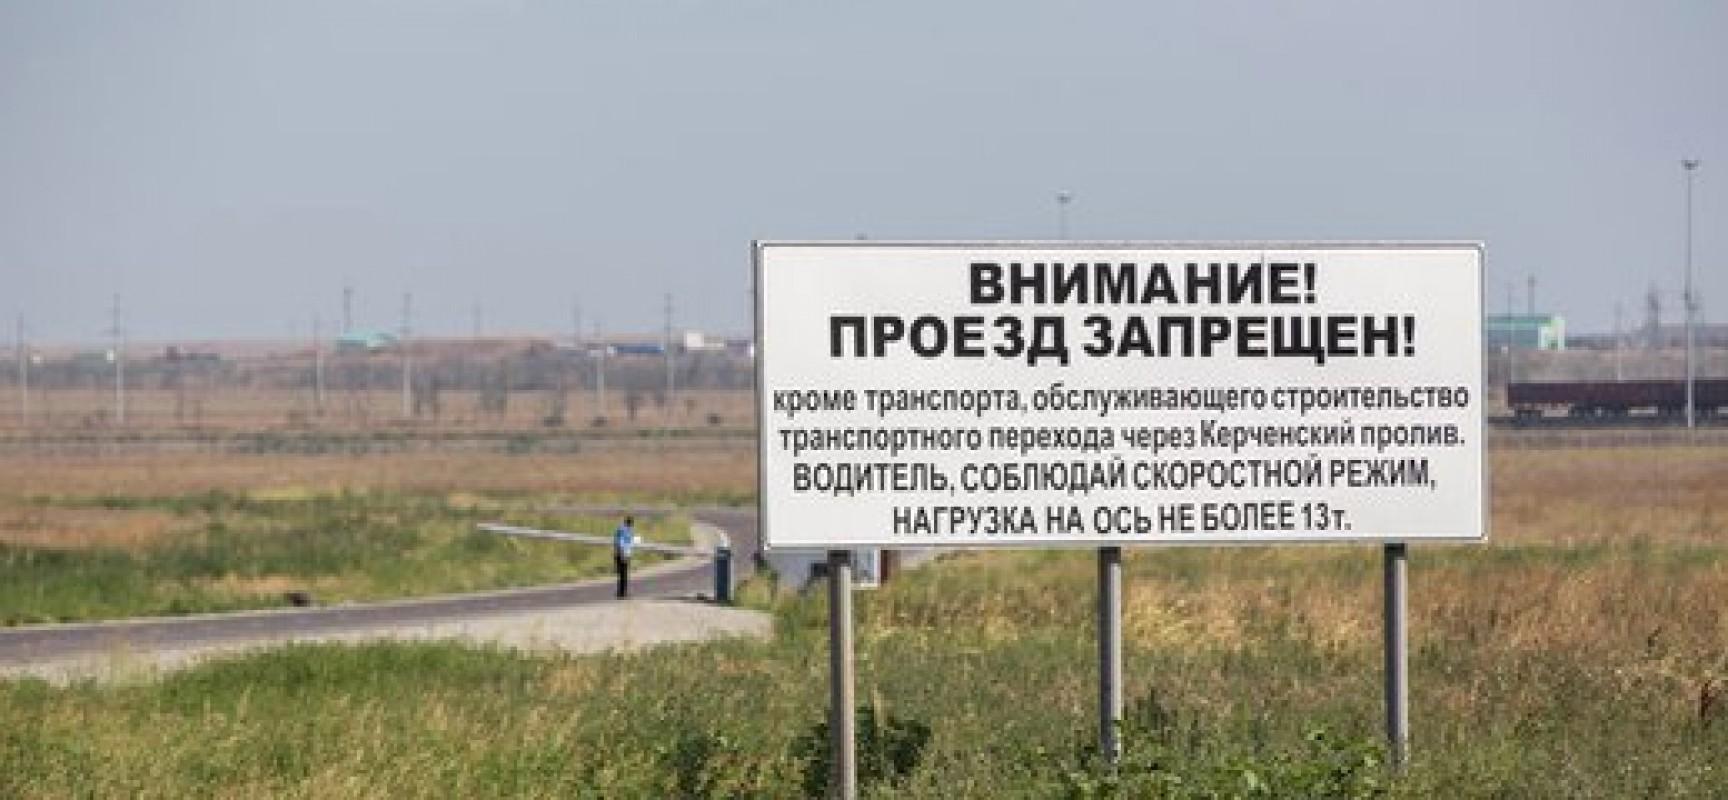 Доставка грузов на стройку Керченского моста переведена на специальную технологическую дорогу